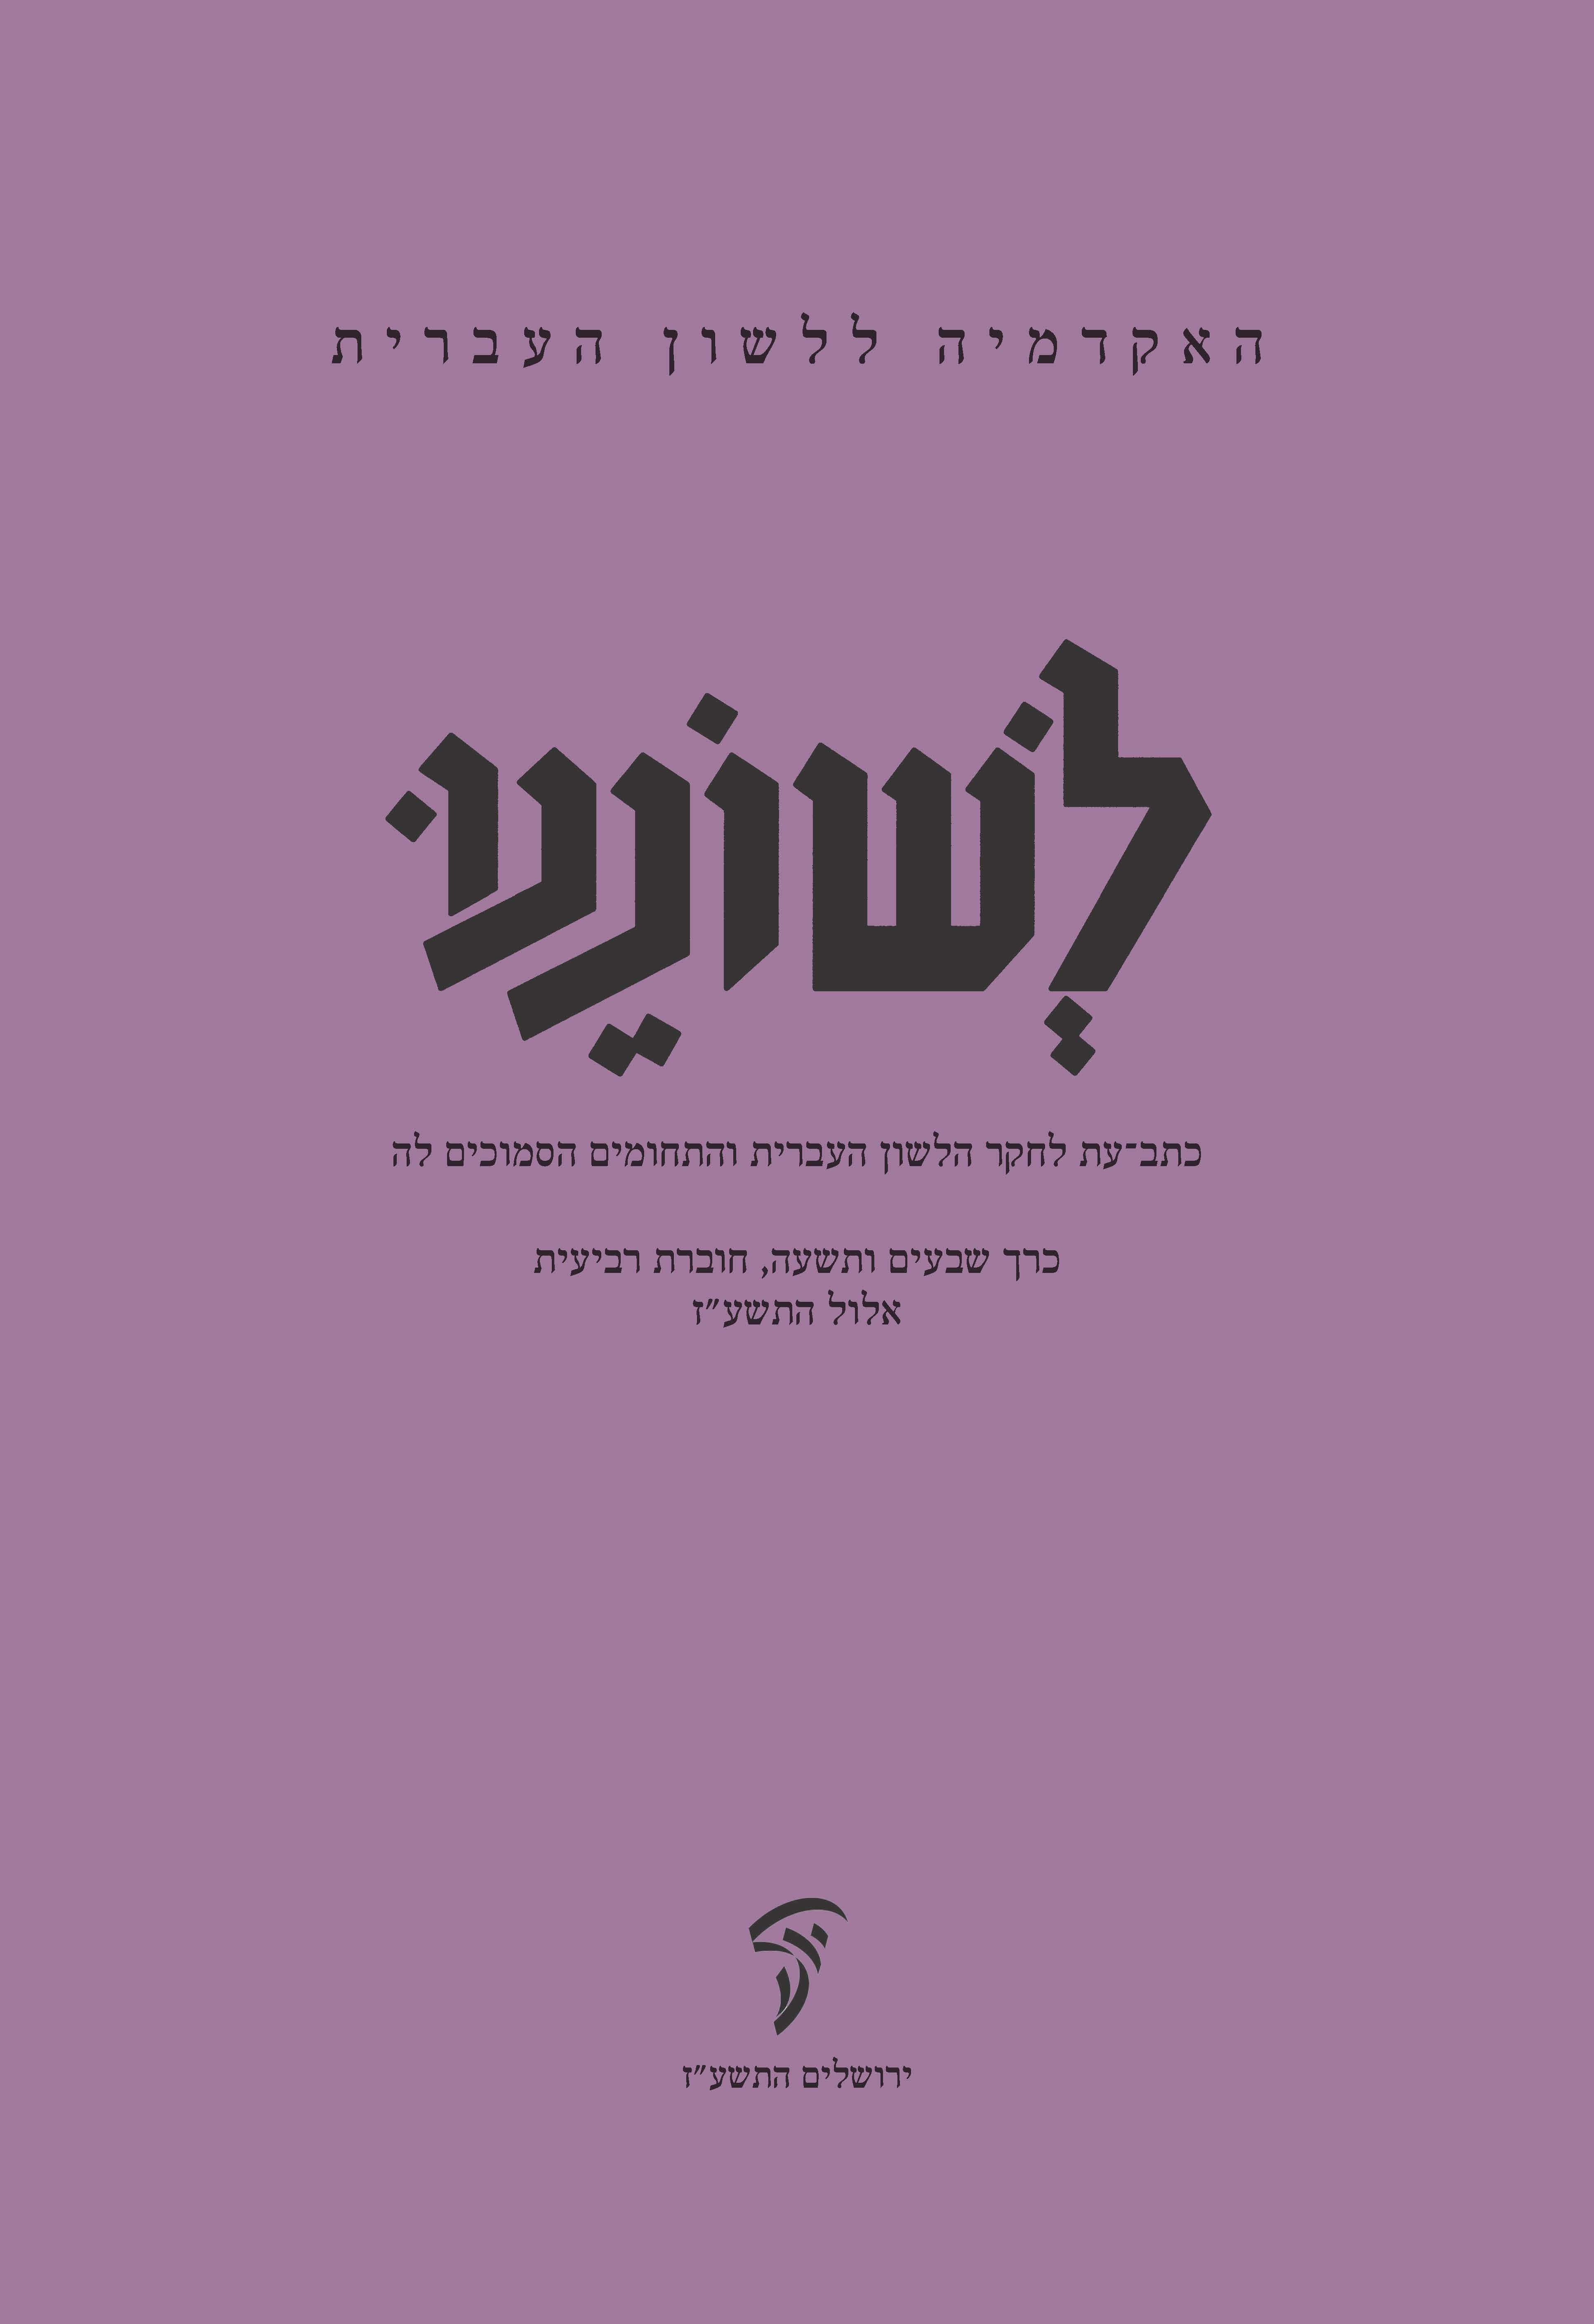 """כריכה סגולה של חוברת לשוננו, כרך 79, חוברת רביעית אלול התשע""""ז"""